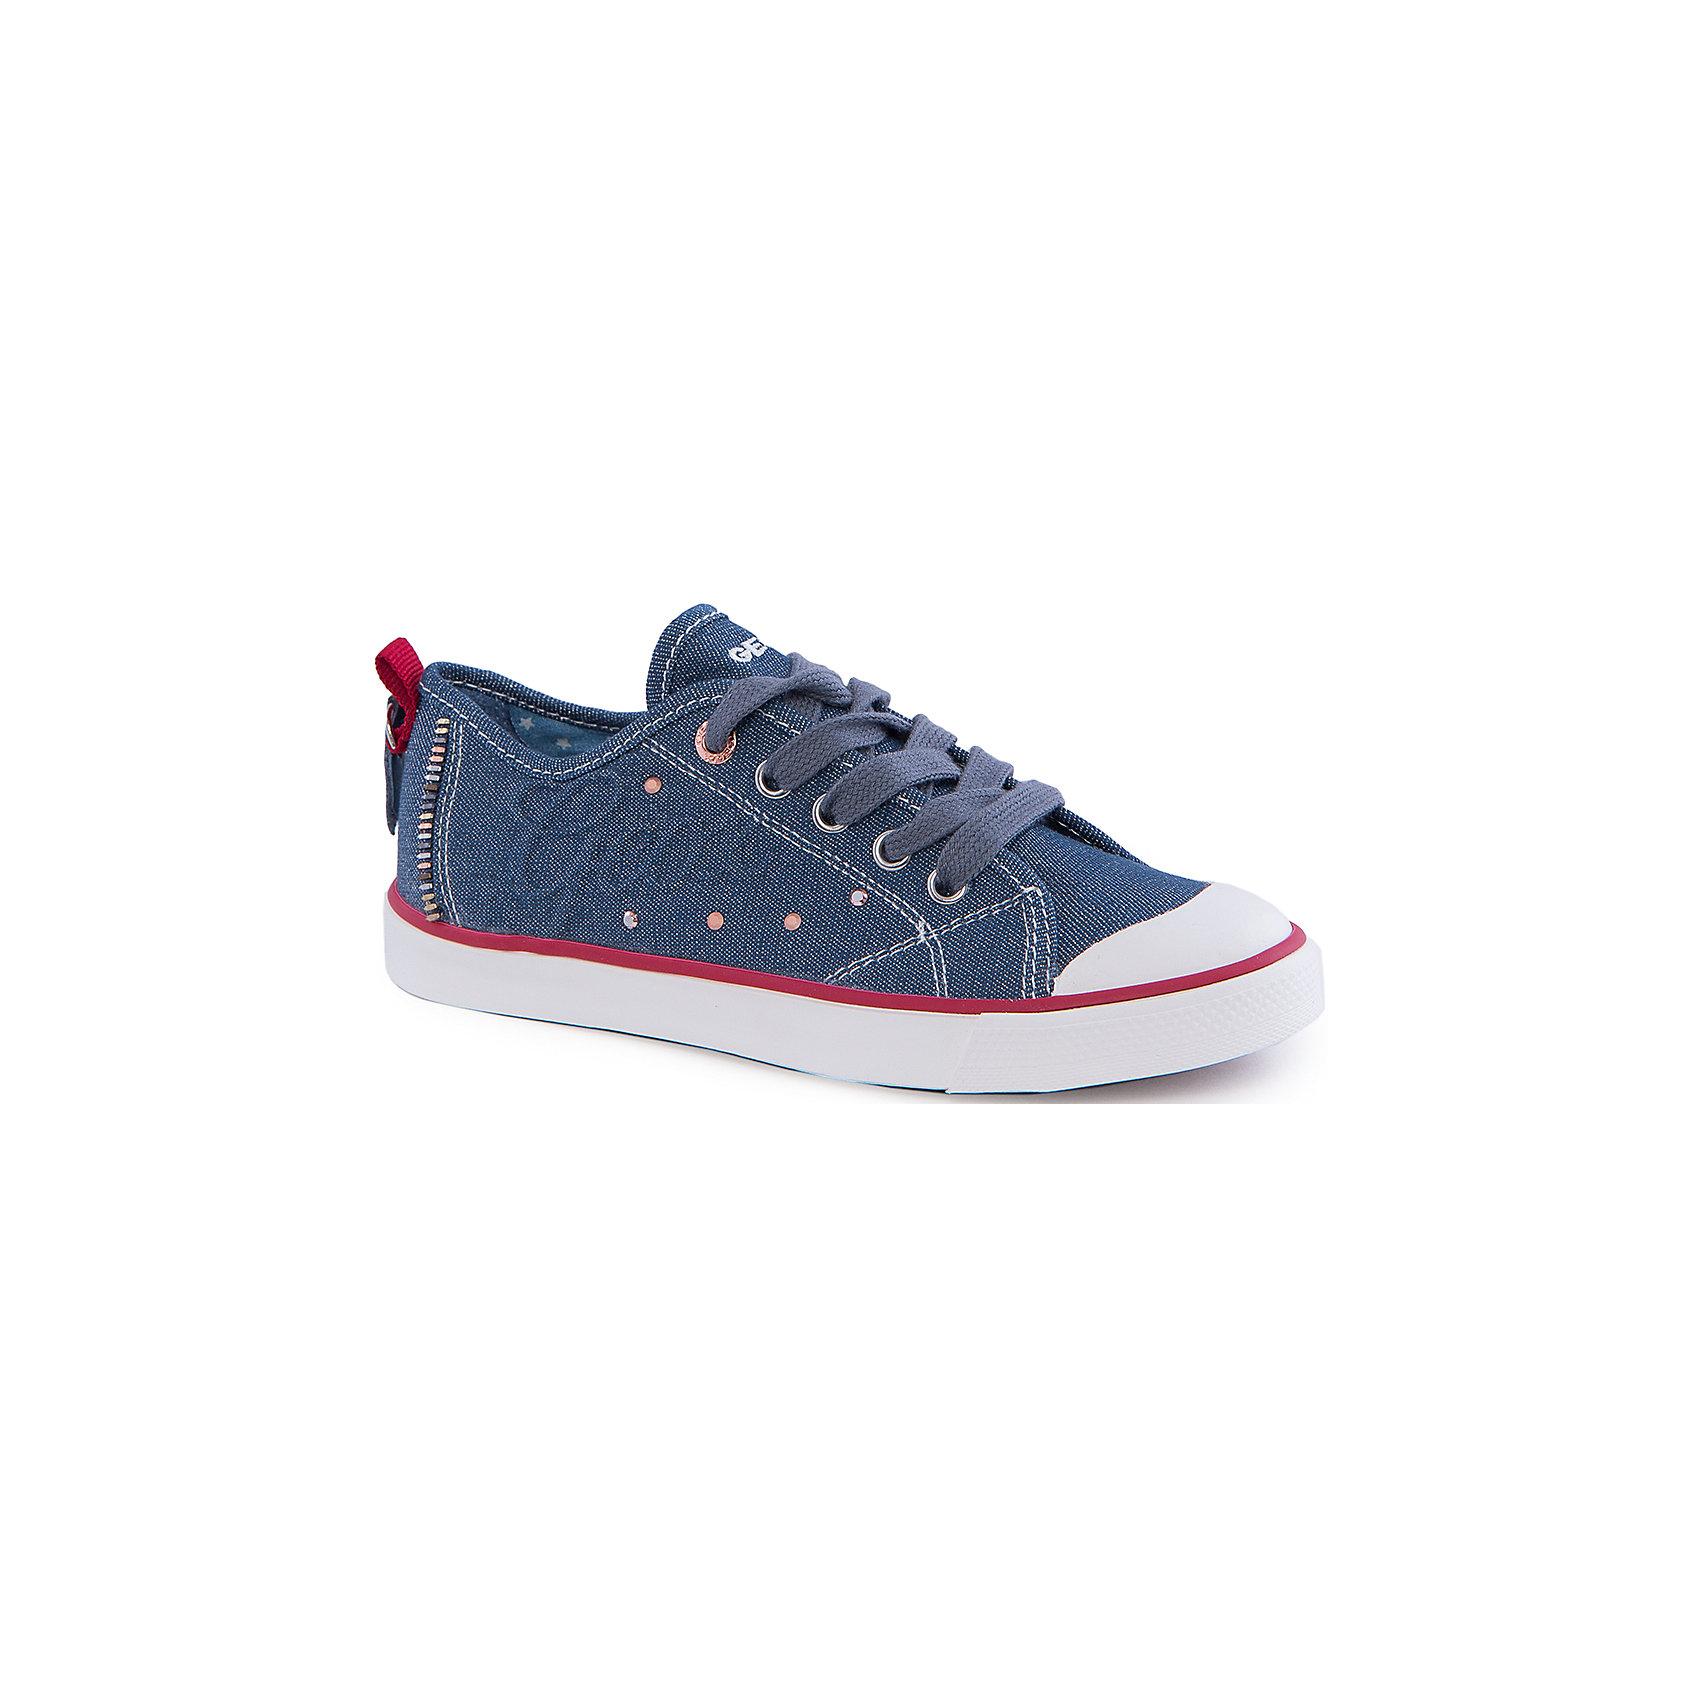 Кроссовки для девочки GEOXКроссовки для девочки от популярной марки GEOX (Геокс).<br><br>Модные легкие кроссовки - отличная обувь для нового весеннего сезона. Модель очень стильно и оригинально смотрится.<br>Производитель обуви заботится не только о внешнем виде, но и стабильно высоком качестве продукции. GEOX (Геокс) разработал специальную дышащую подошву, которая не пропускает влагу внутрь, а также высокотехнологичную стельку.<br><br>Отличительные особенности модели:<br><br>- цвет: синий джинс;<br>- декорированы белыми и красными элементами;<br>- гибкая водоотталкивающая подошва с дышащей мембраной;<br>- мягкий и легкий верх;<br>- защита пальцев и пятки;<br>- стильный дизайн;<br>- удобная шнуровка;<br>- комфортное облегание;<br>- верх обуви и подкладка сделаны без использования хрома.<br><br>Дополнительная информация:<br><br>- Температурный режим: от +10° С до 25° С.<br><br>- Состав:<br><br>материал верха: текстиль, синтетический материал<br>материал подкладки: текстиль<br>подошва: 100% резина<br><br>Кроссовки для девочки GEOX (Геокс) (Геокс) можно купить в нашем магазине.<br><br>Ширина мм: 250<br>Глубина мм: 150<br>Высота мм: 150<br>Вес г: 250<br>Цвет: синий<br>Возраст от месяцев: 120<br>Возраст до месяцев: 132<br>Пол: Женский<br>Возраст: Детский<br>Размер: 34,39,38,36,31,35,32,28,29,37,30,33<br>SKU: 4519428